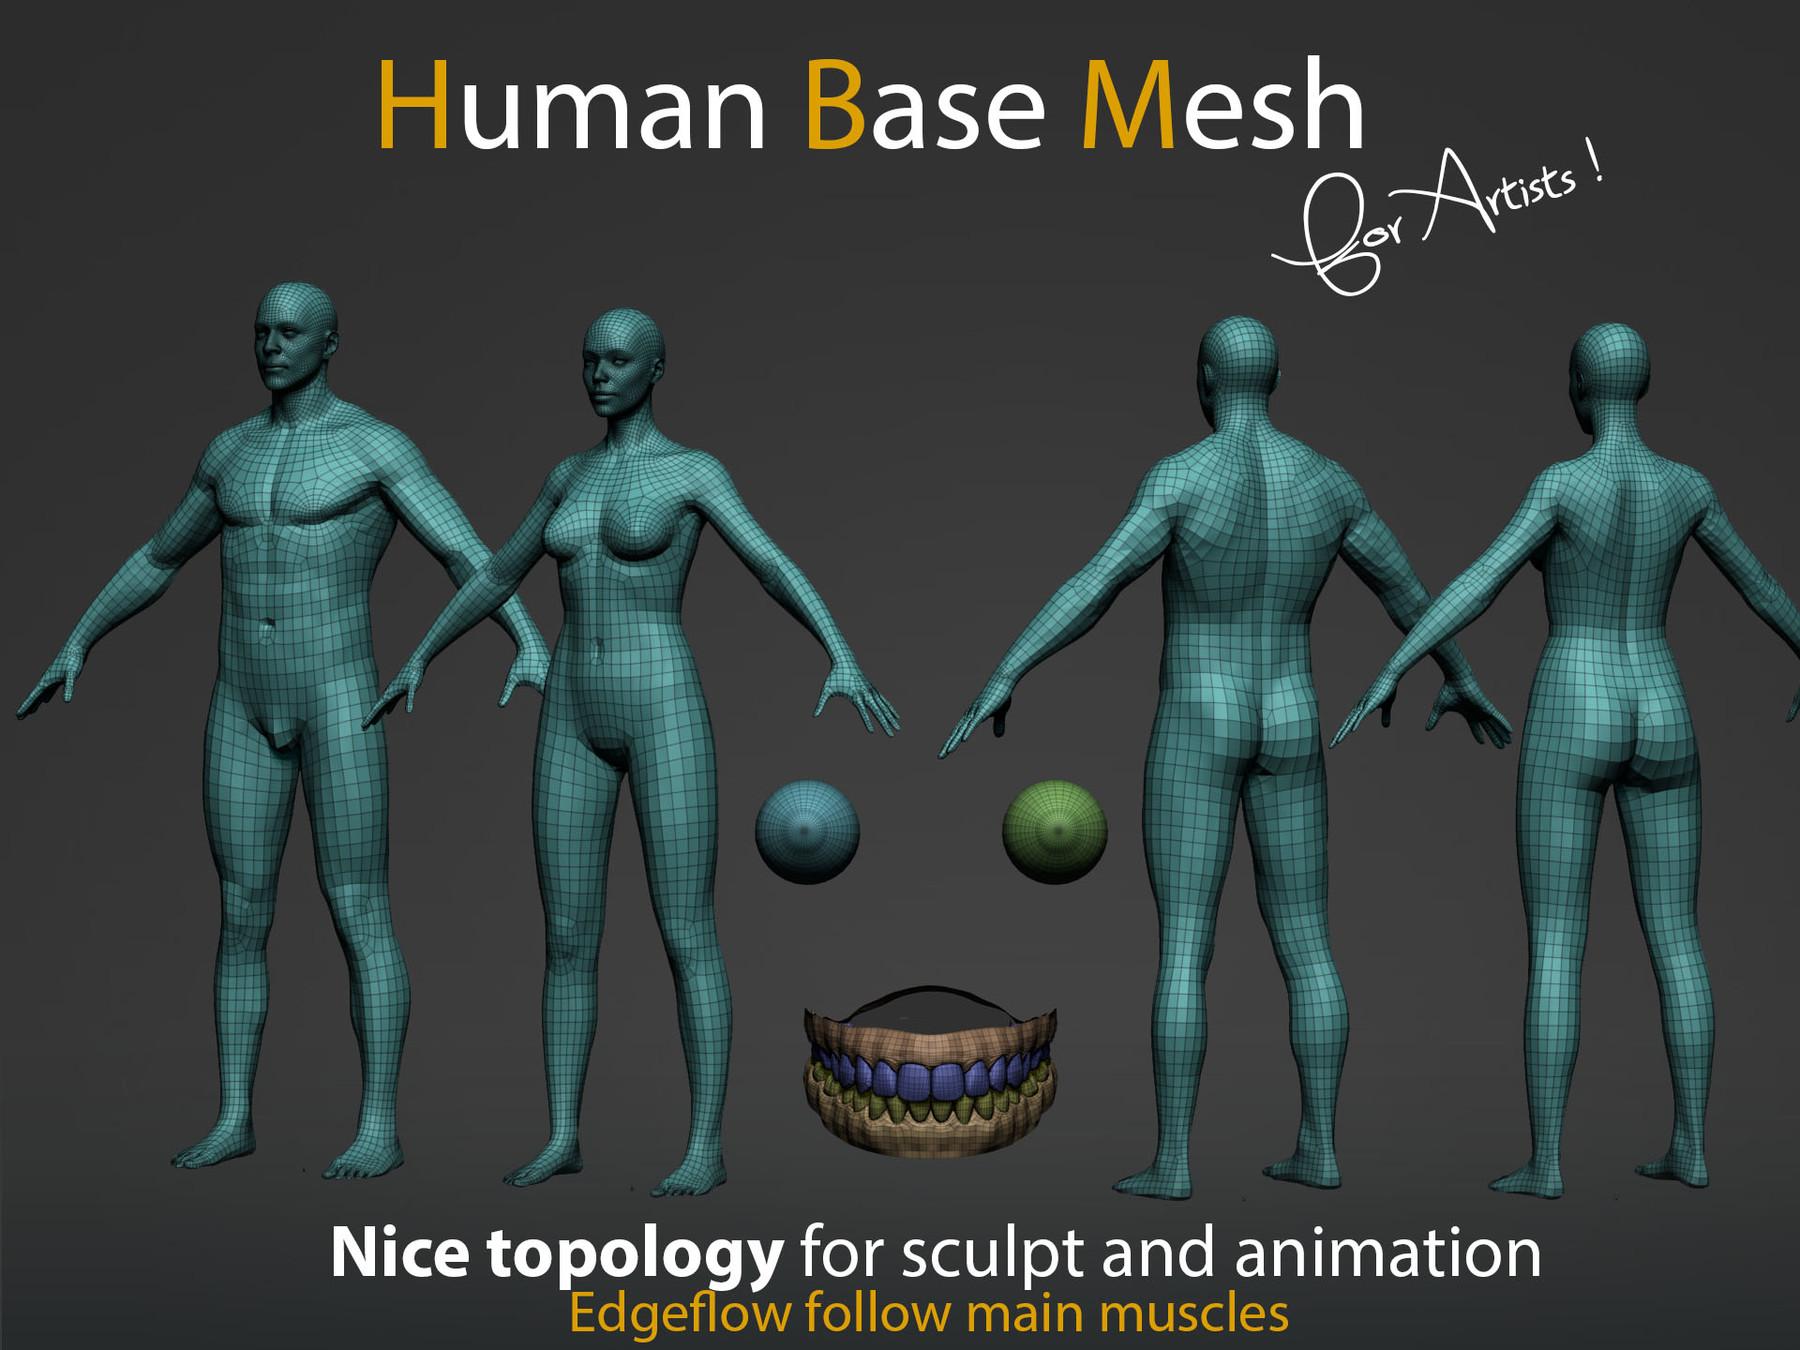 Human bm img2